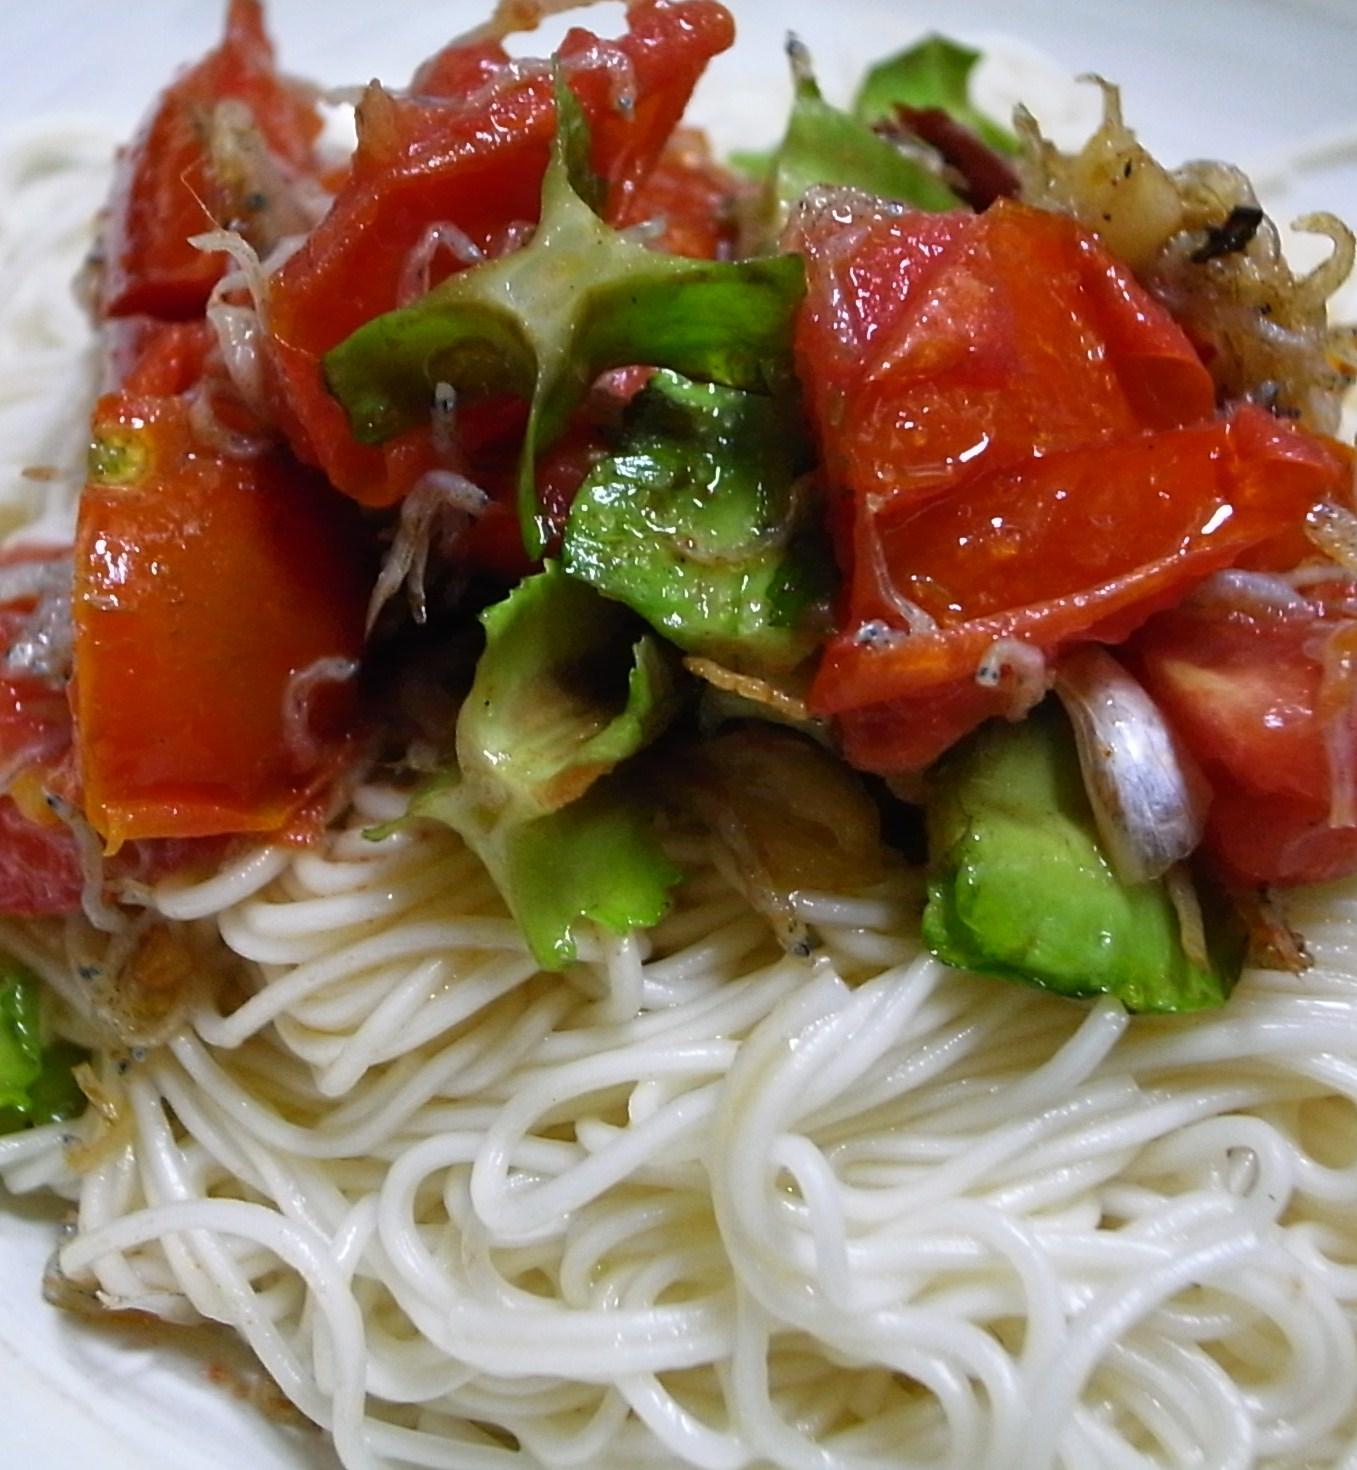 【シカクマメ】トマトとシカクマメのペペロンチーノ素麺_d0122797_1653850.jpg